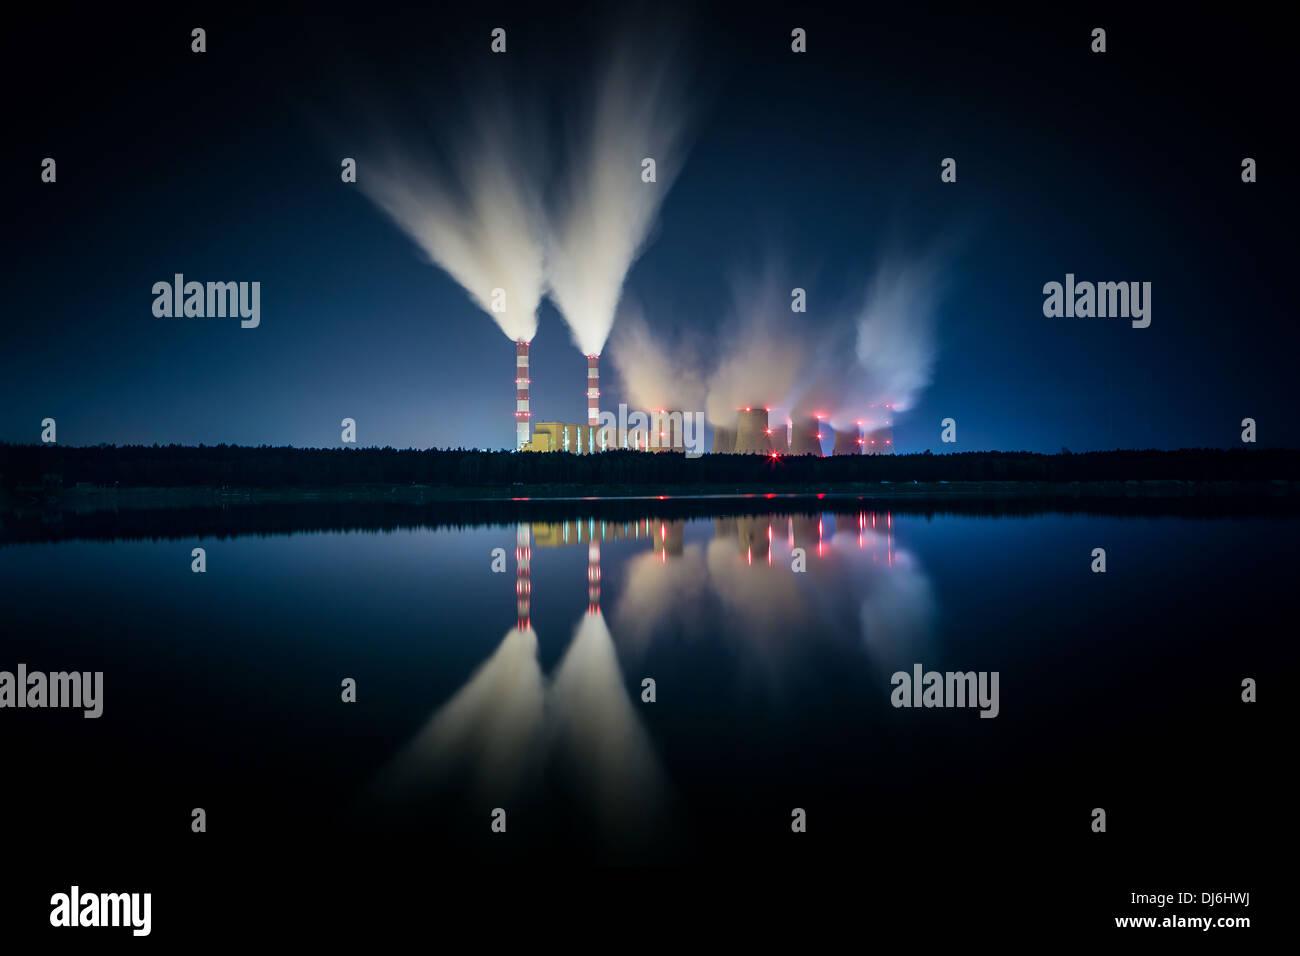 Kohlekraftwerk und Nacht - Belchatow Polen. Stockbild